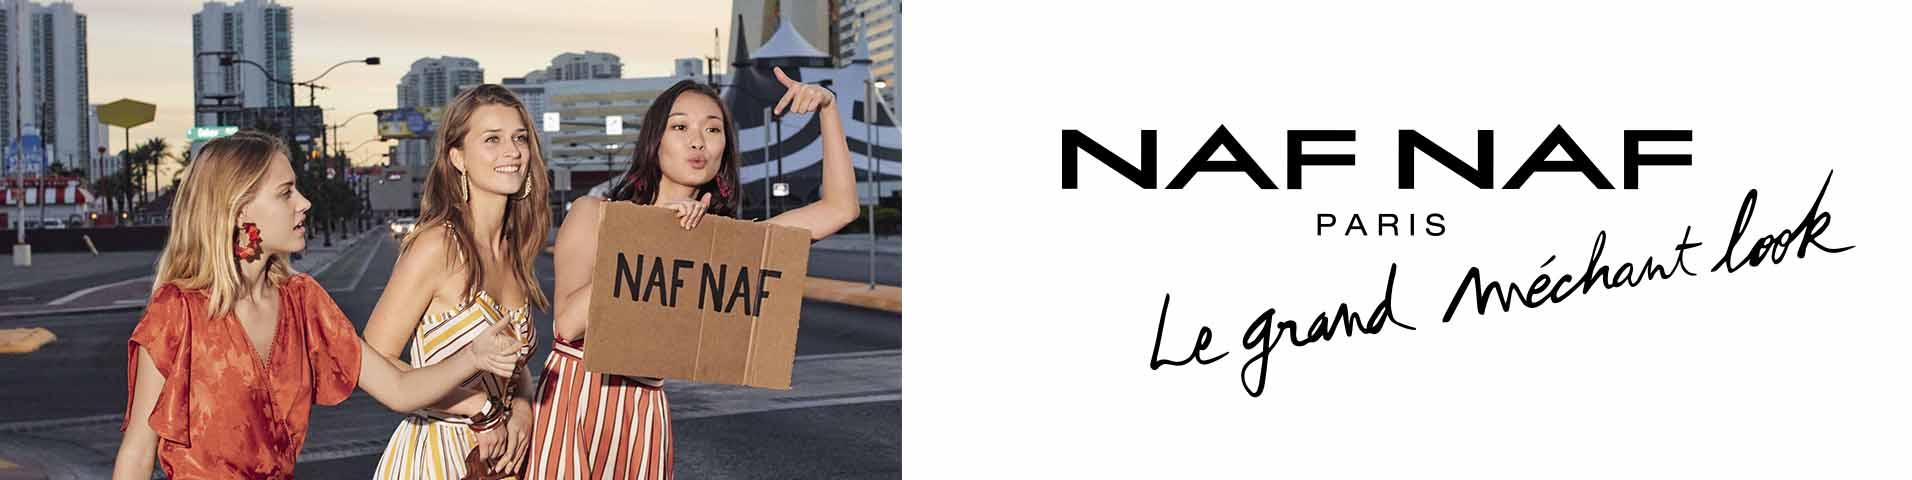 b4c2526fa26b Articles pour femme de NAF NAF